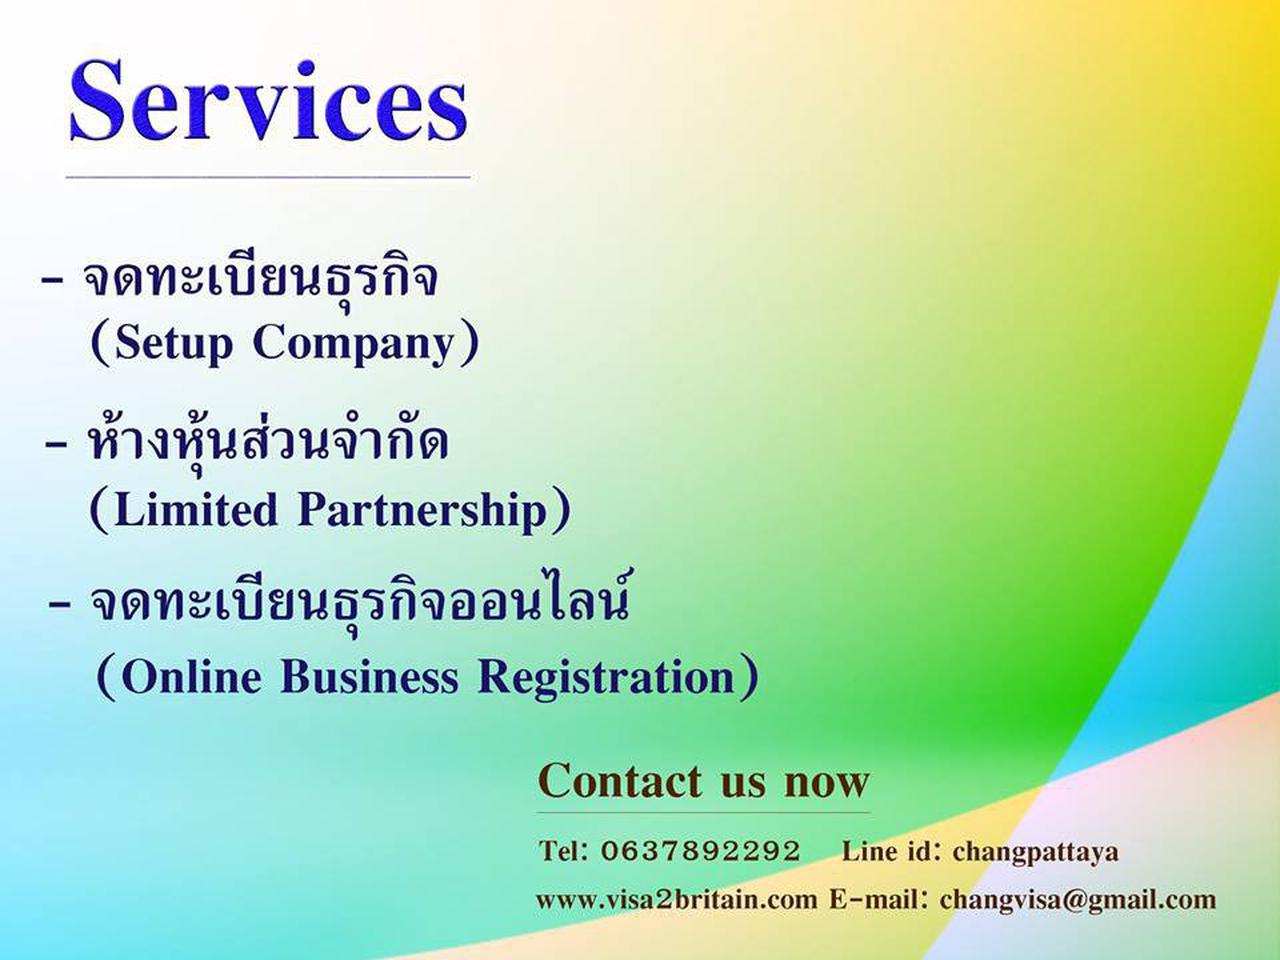 รับปรึกษาและให้บริการด้านวีซ่าทั้งในไทยและทั่วโลก รูปที่ 3